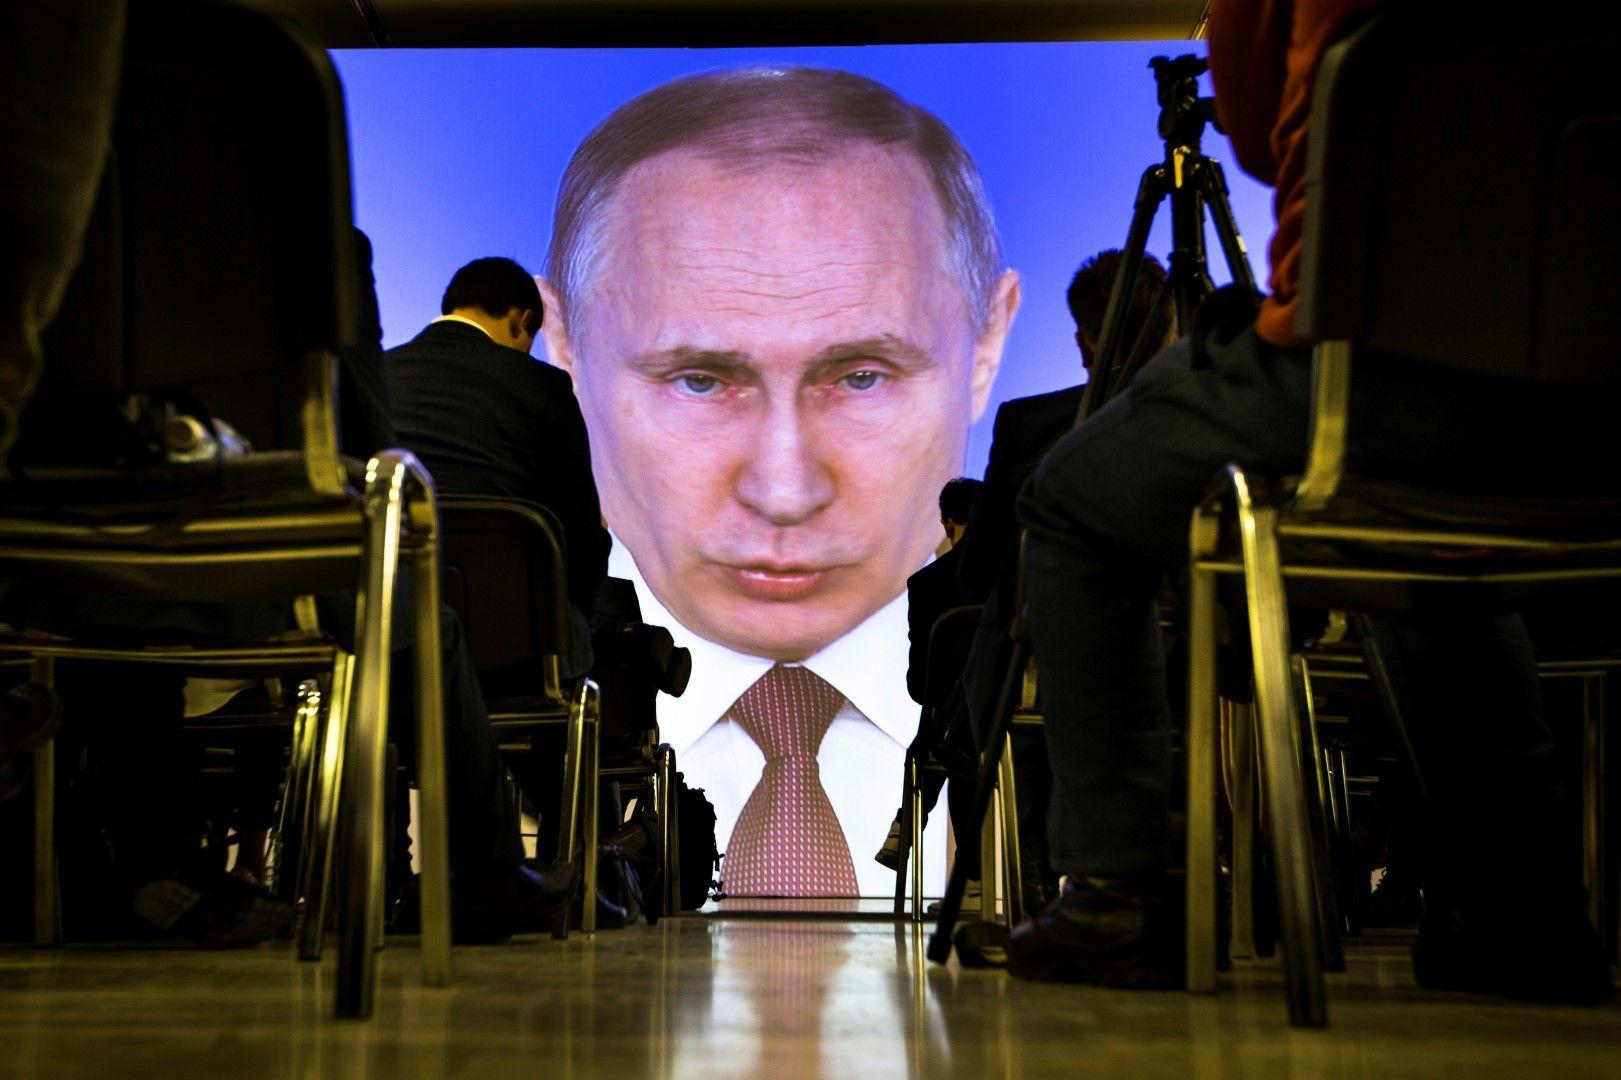 Журналисти гледат и слушат руския президент Владимир Путин, който изнася годишната си реч, 1 март 2018 г.